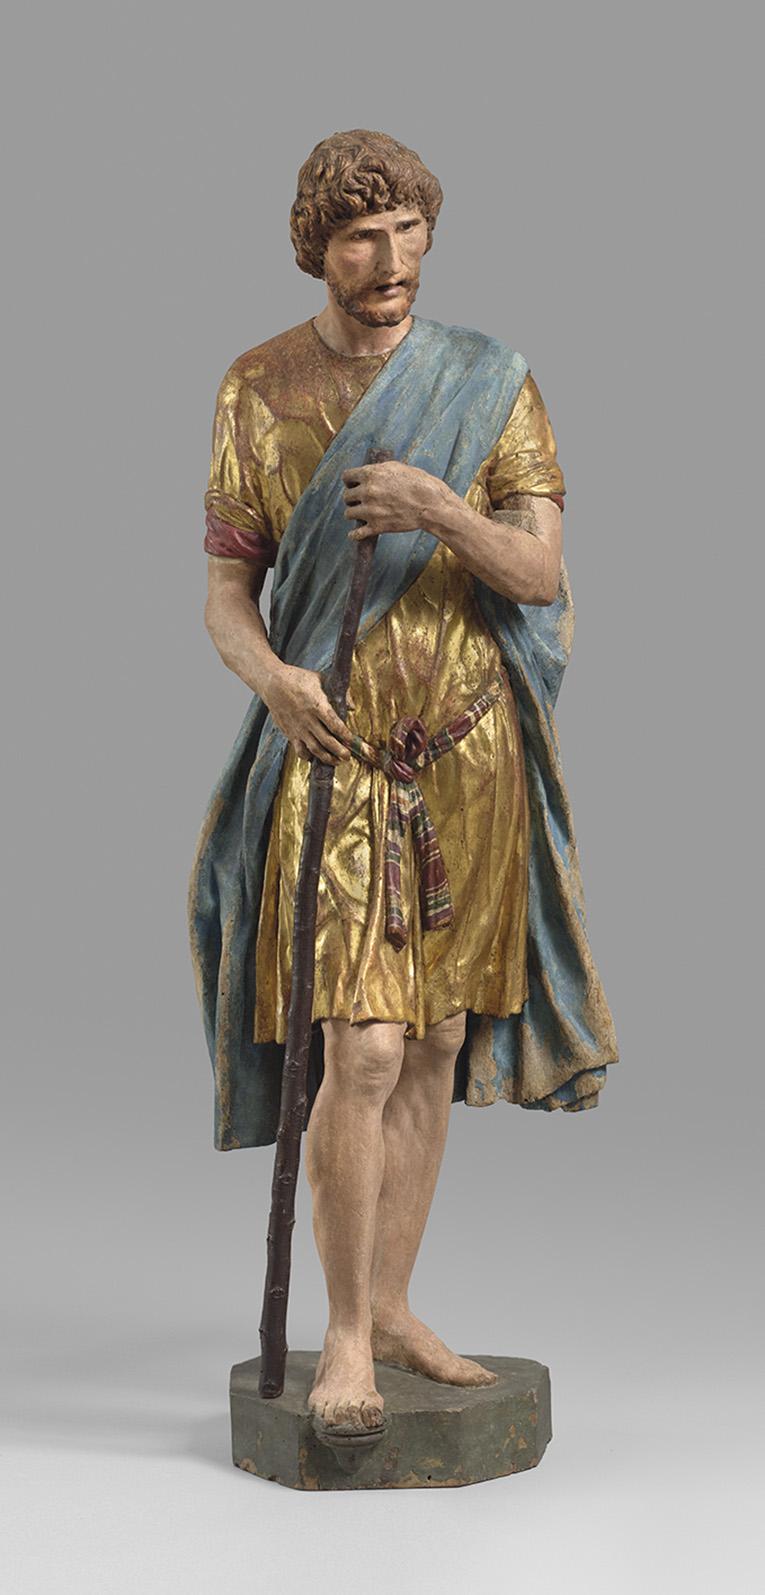 Francesco di Giorgio Martini(1439-1501), Saint Christophe, 1488-1490, bois polychromé et doré, h.164cm. ©Paris, Musée du Louvre, Dist.